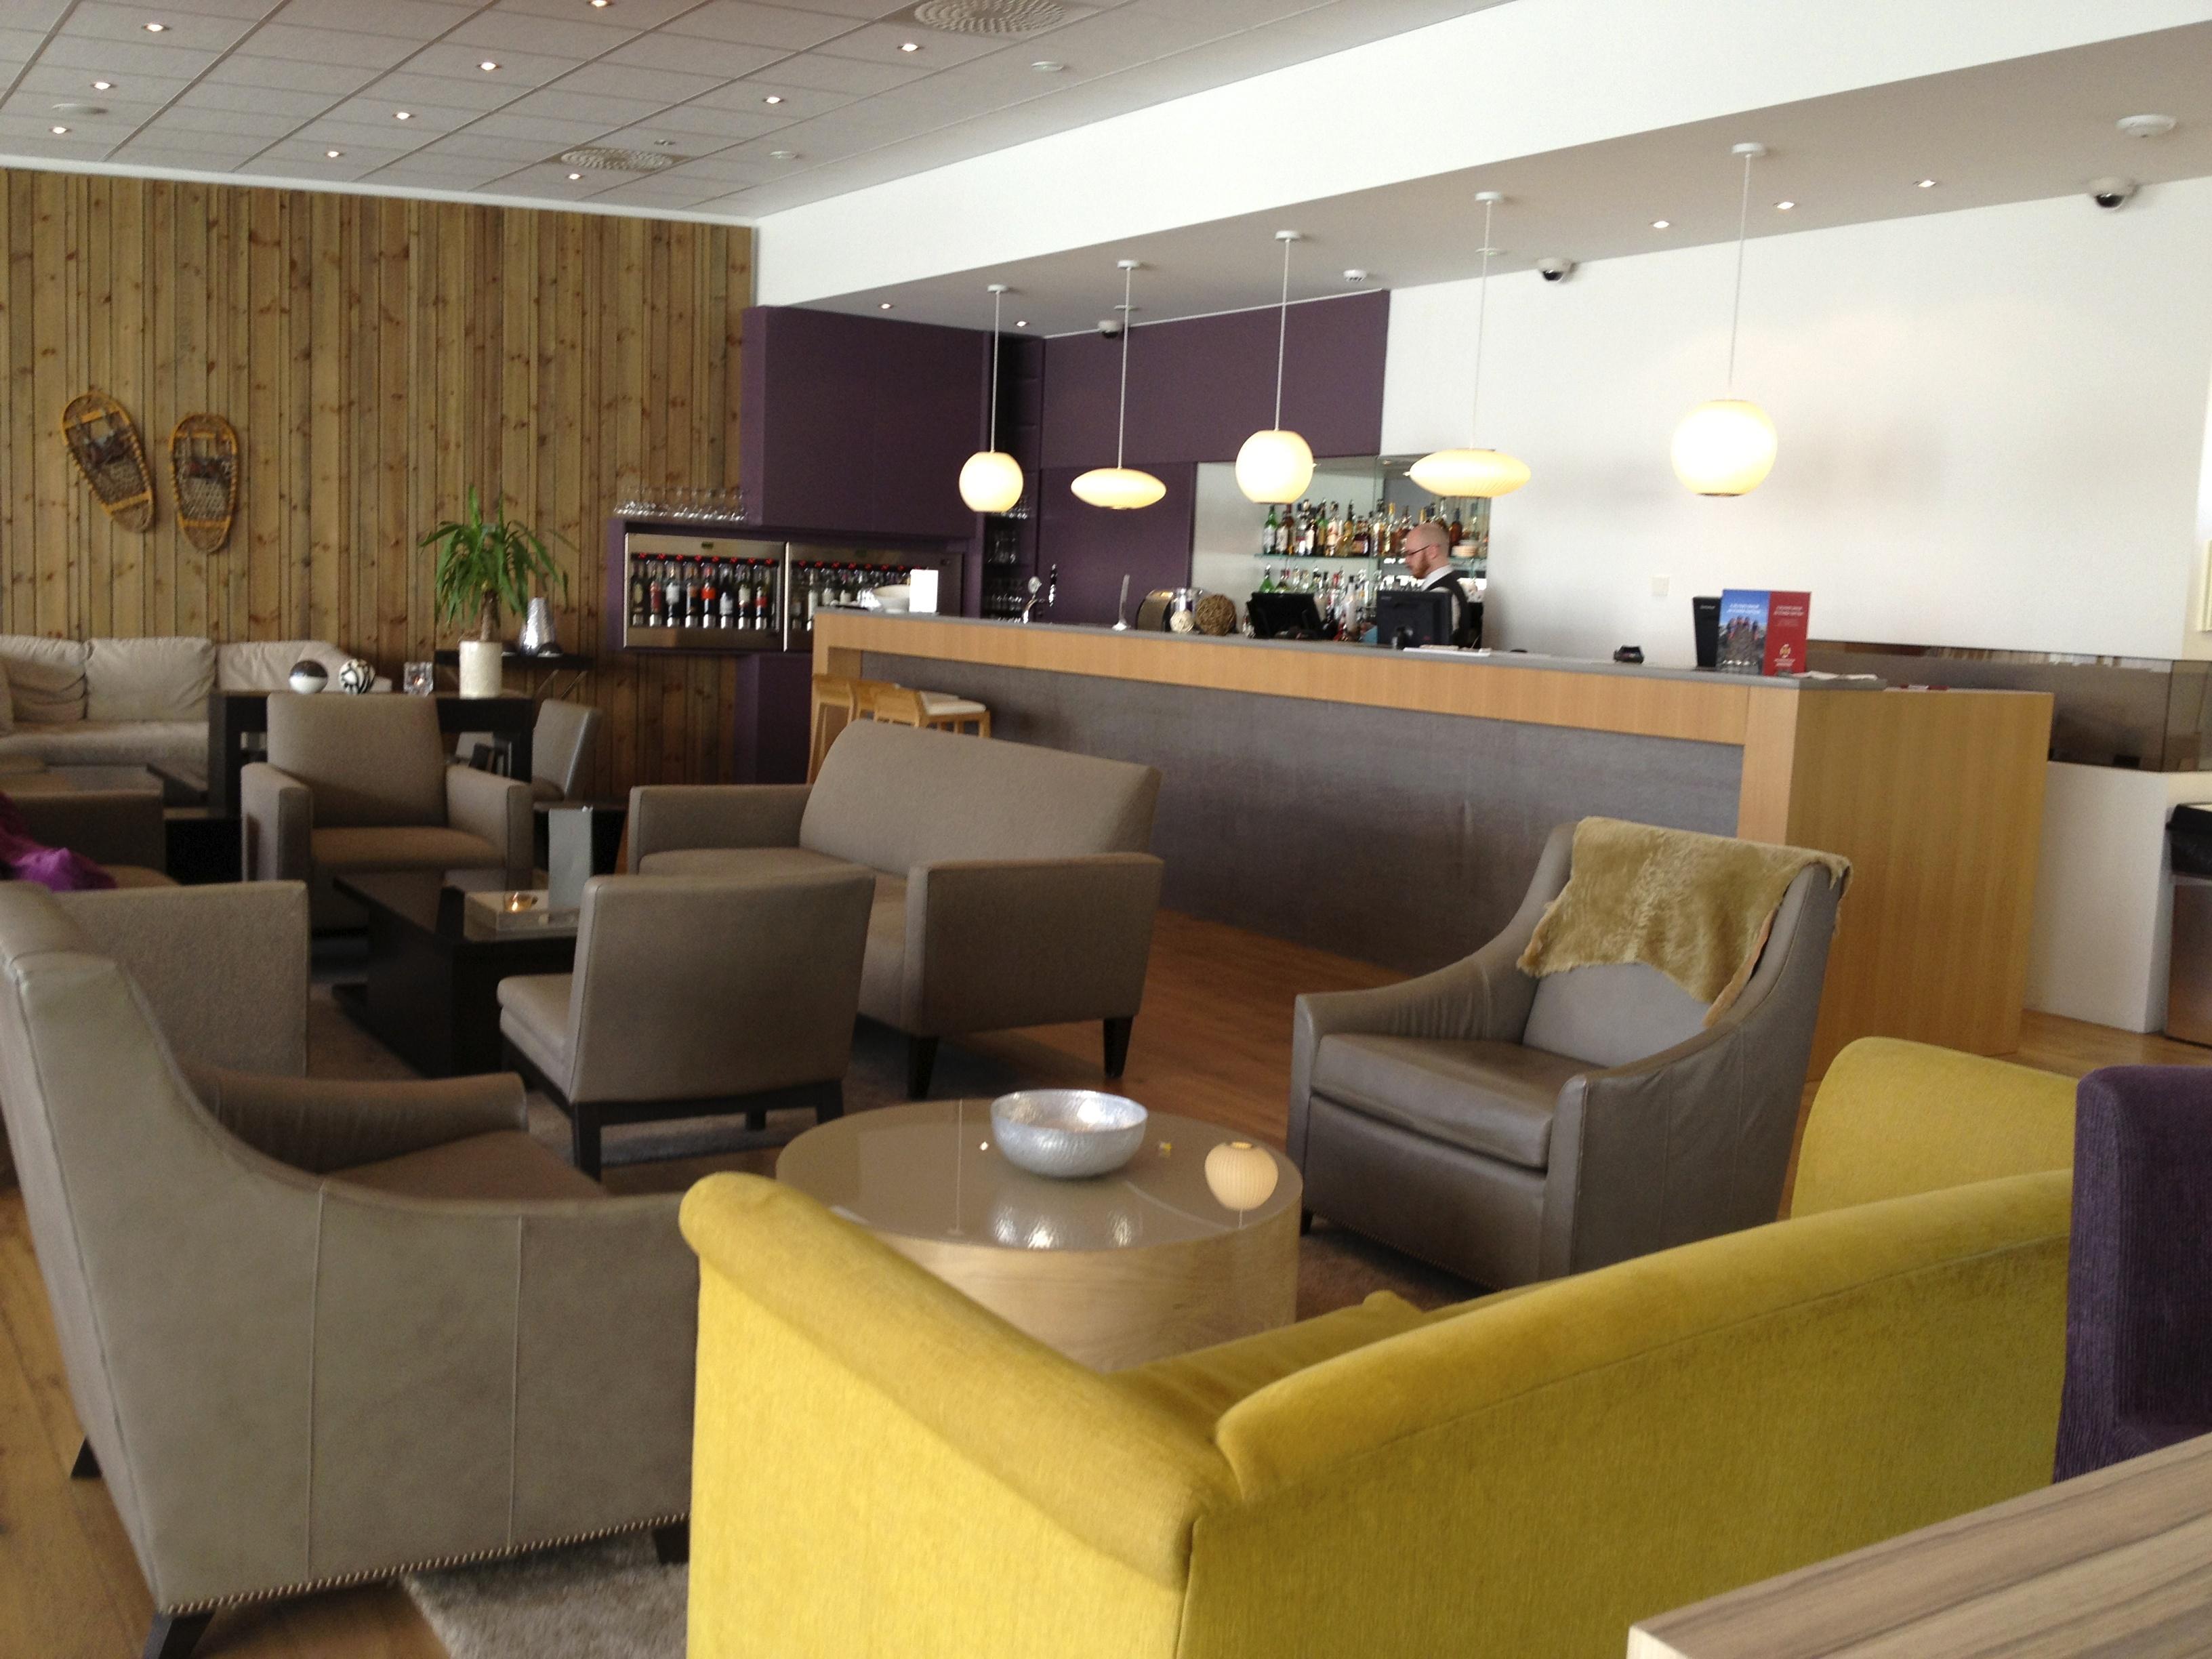 Lobby of IcelandAir Hotel in Akureyri